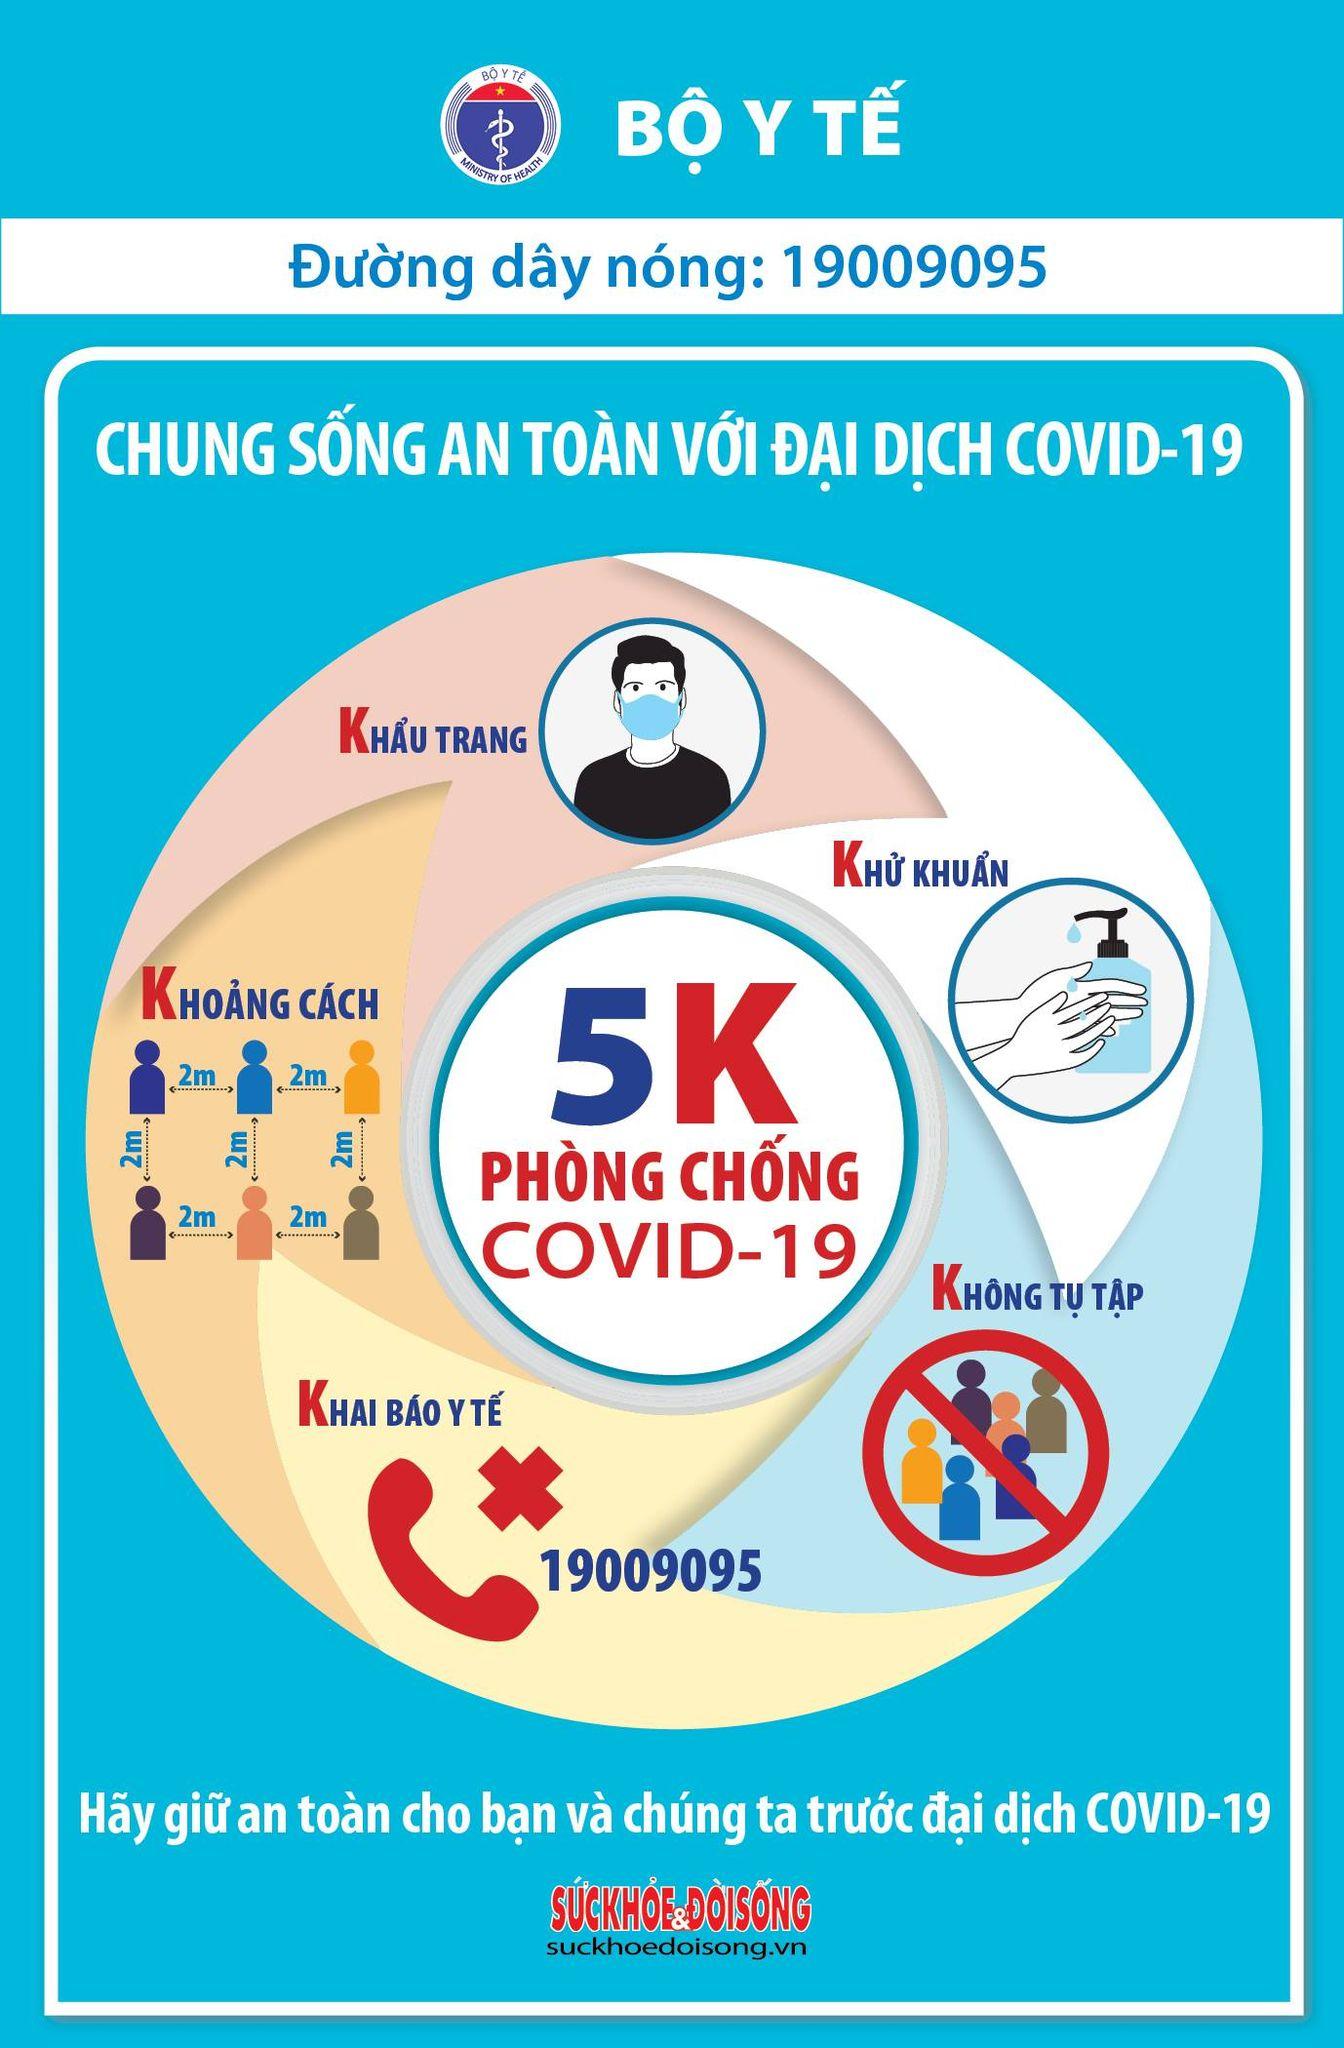 Sáng 1/5: Không có ca bệnh; gần 510.000 người Việt Nam đã tiêm vắc xin COVID-19 - Ảnh 2.